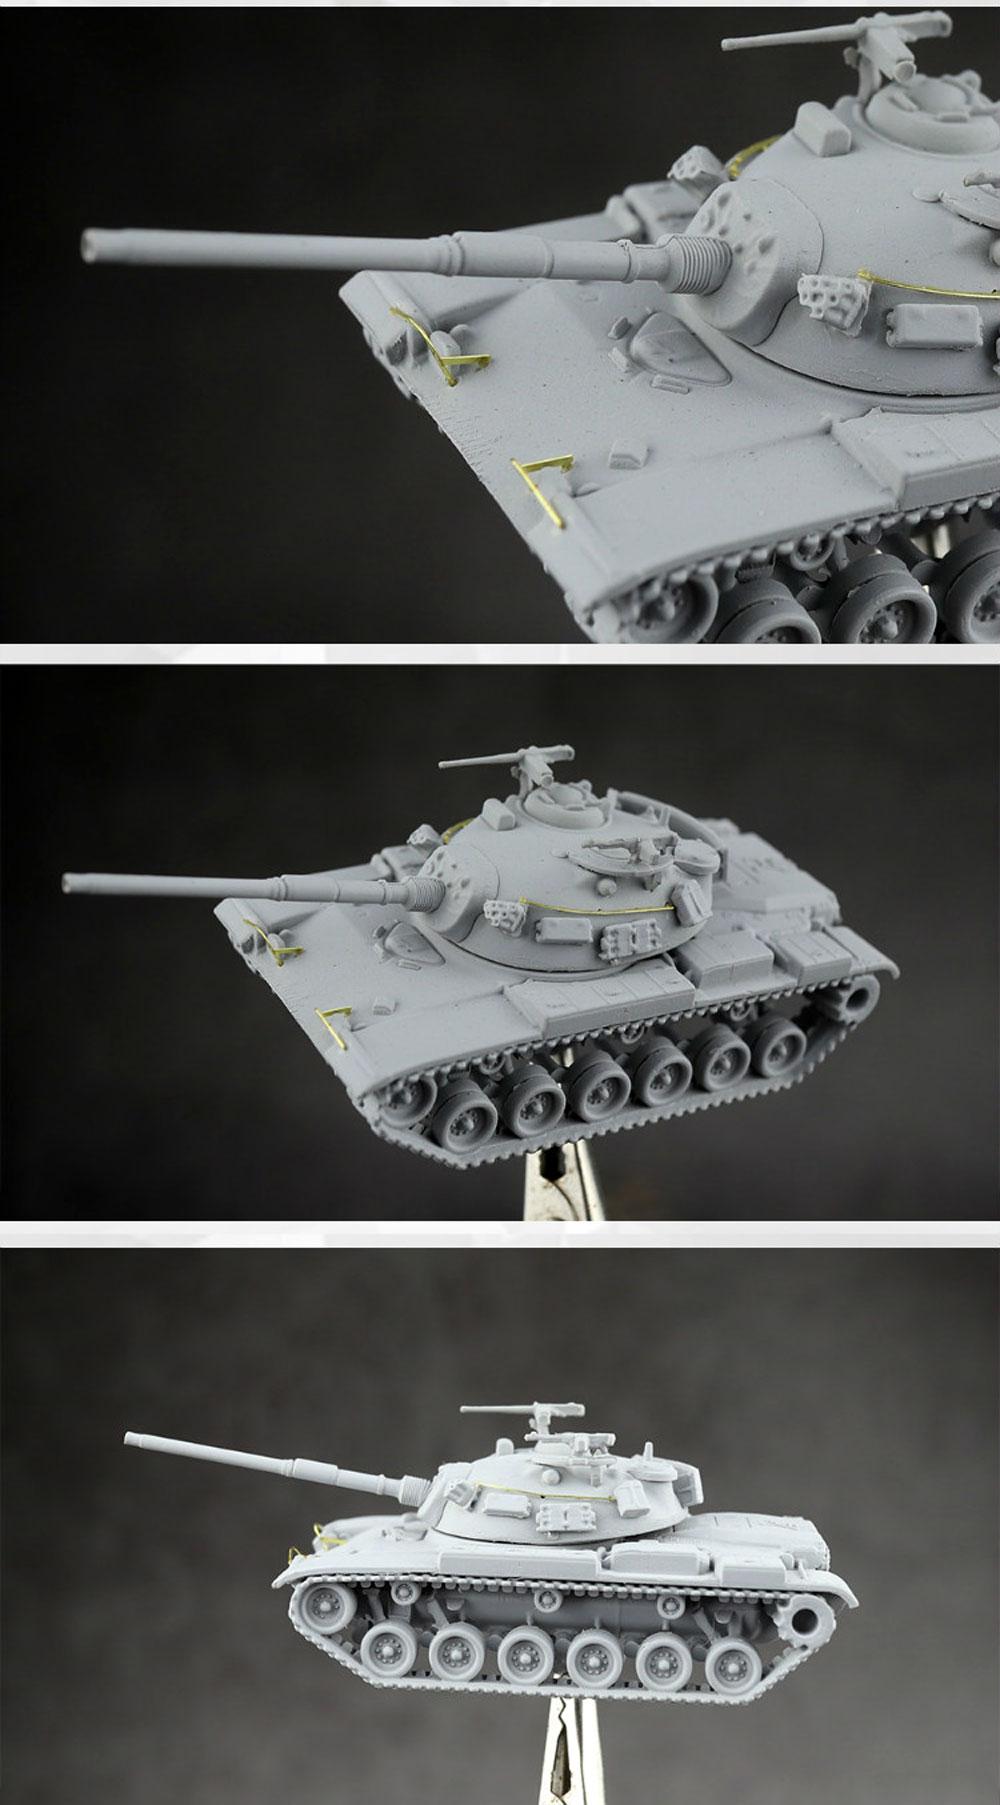 台湾陸軍 M48H 主力戦車プラモデル(U-STAR HOBBY1/144 タンクシリーズNo.UA-60002)商品画像_3